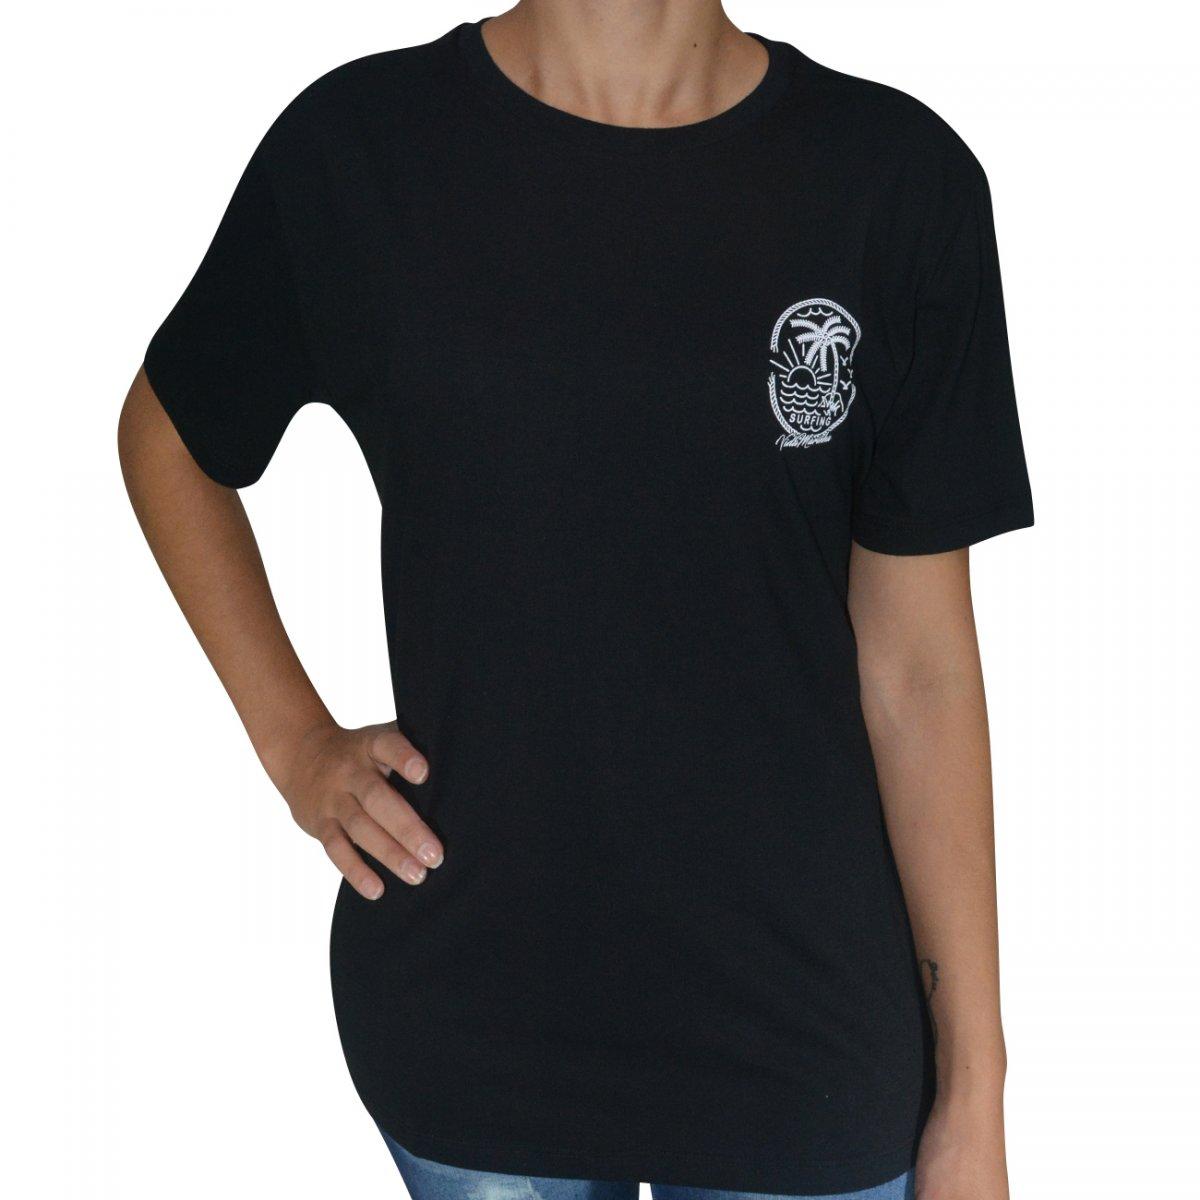 5d804d593 Camiseta Vida Marinha Cmh2731 Feminina CMH2731 P2 - Preto - Chuteira Nike,  Adidas. Sandalias Femininas. Sandy Calçados